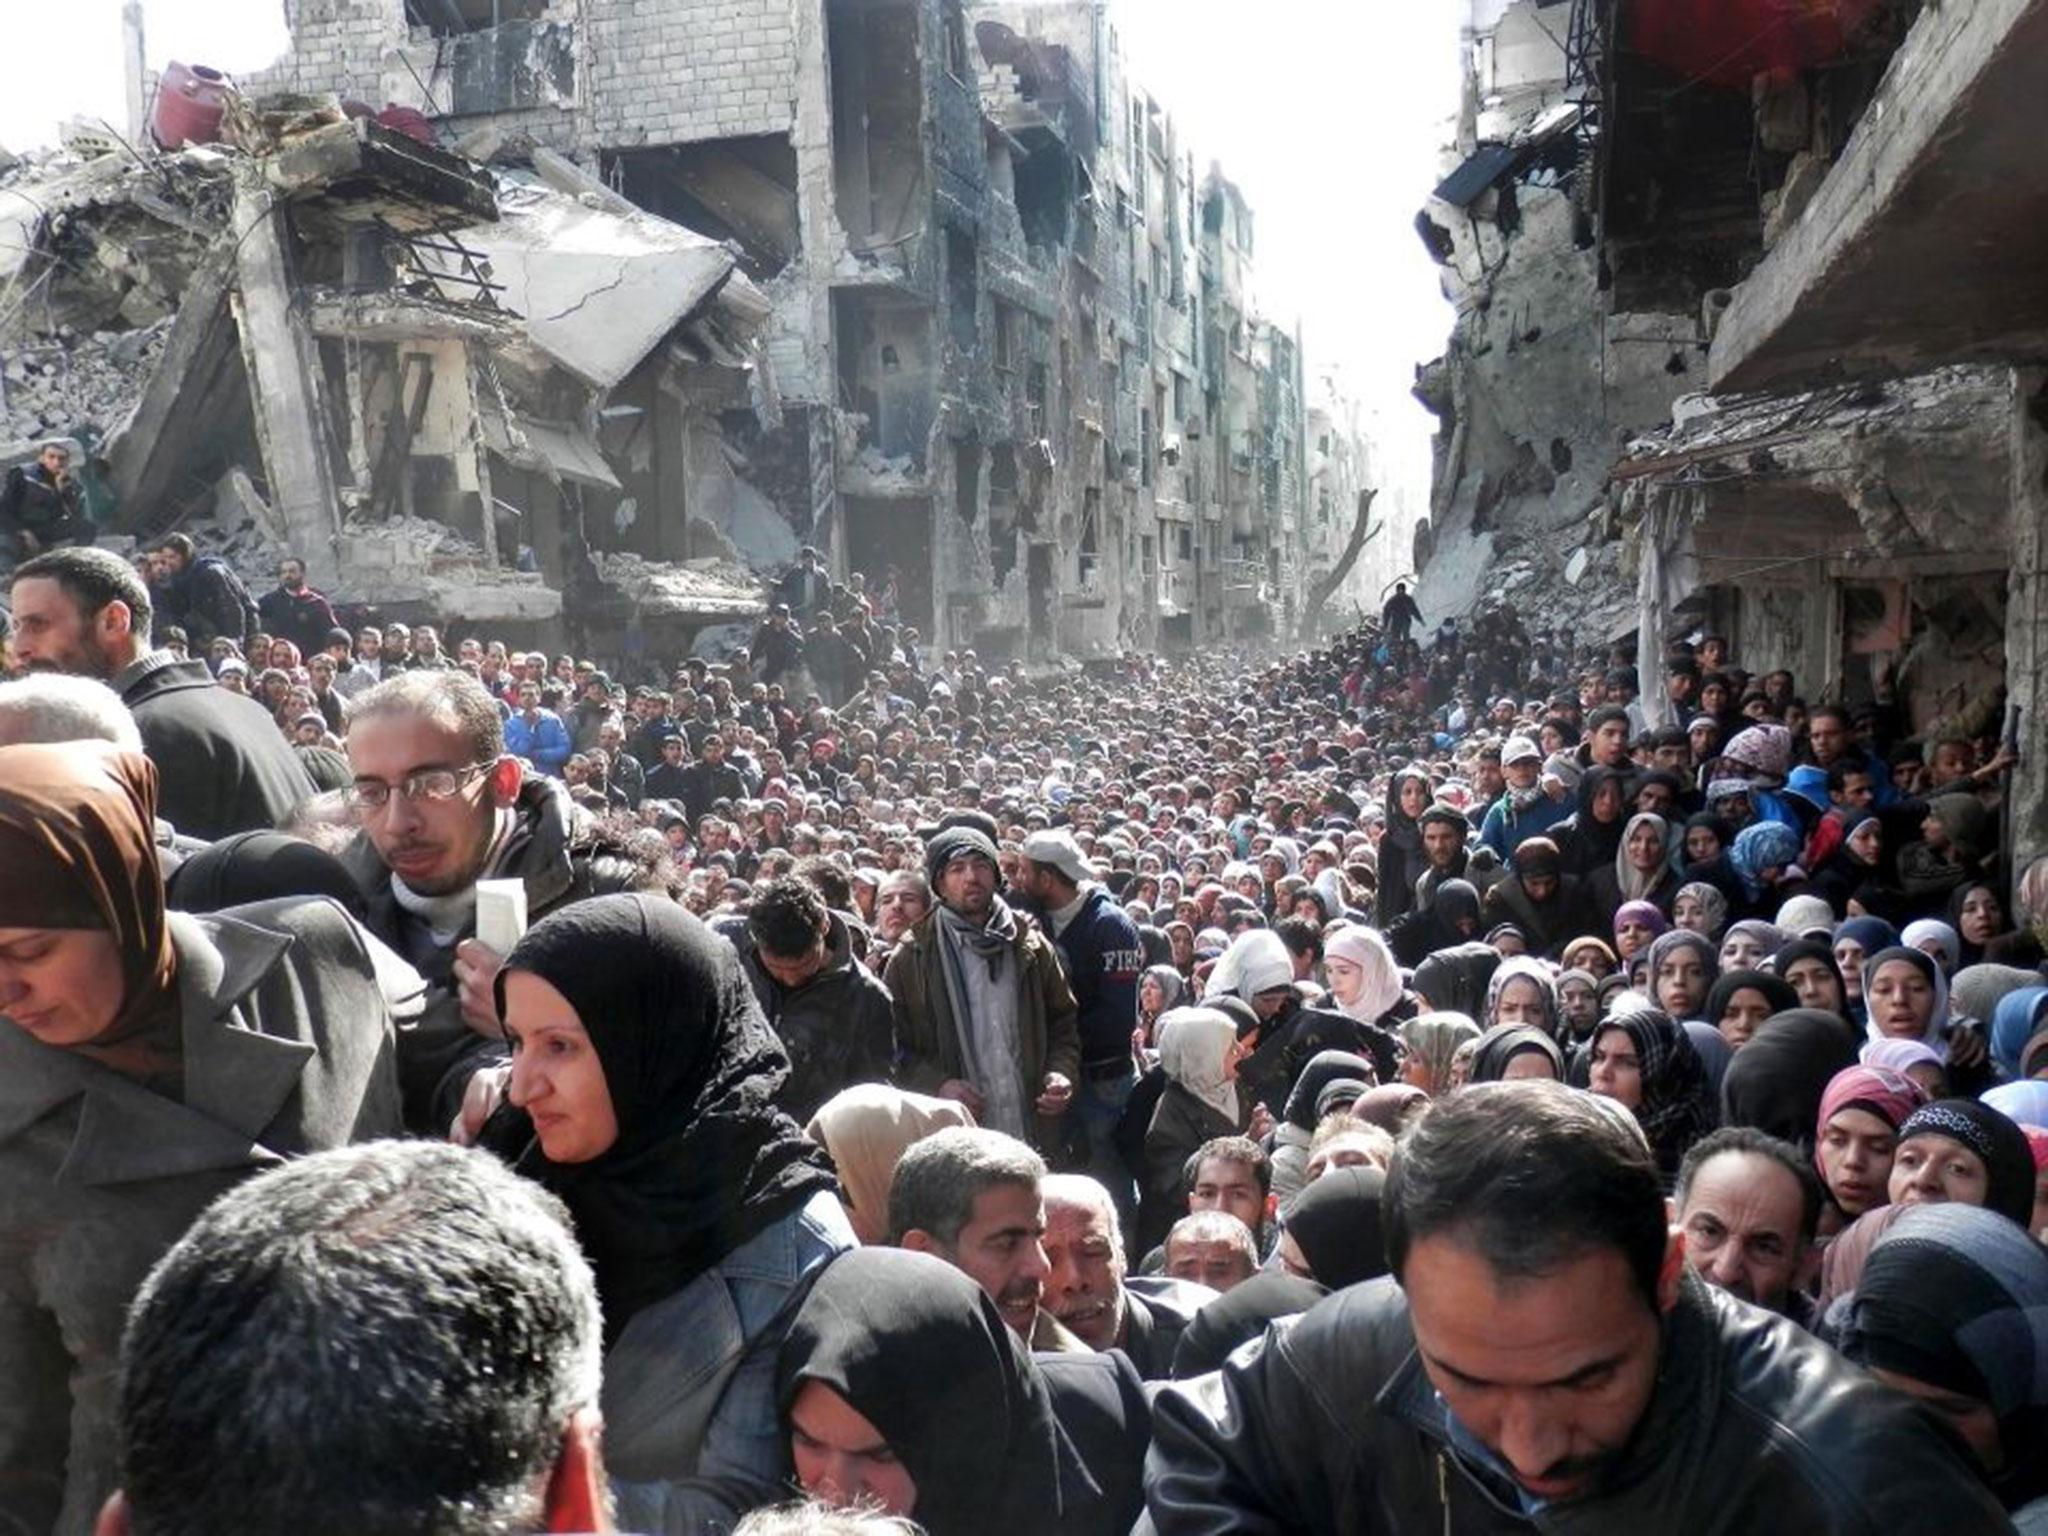 Refugiados palestinos atrapados en el campo de refugiados de Yarmouk, en Damasco (Siria) | Fuente: Associated Press